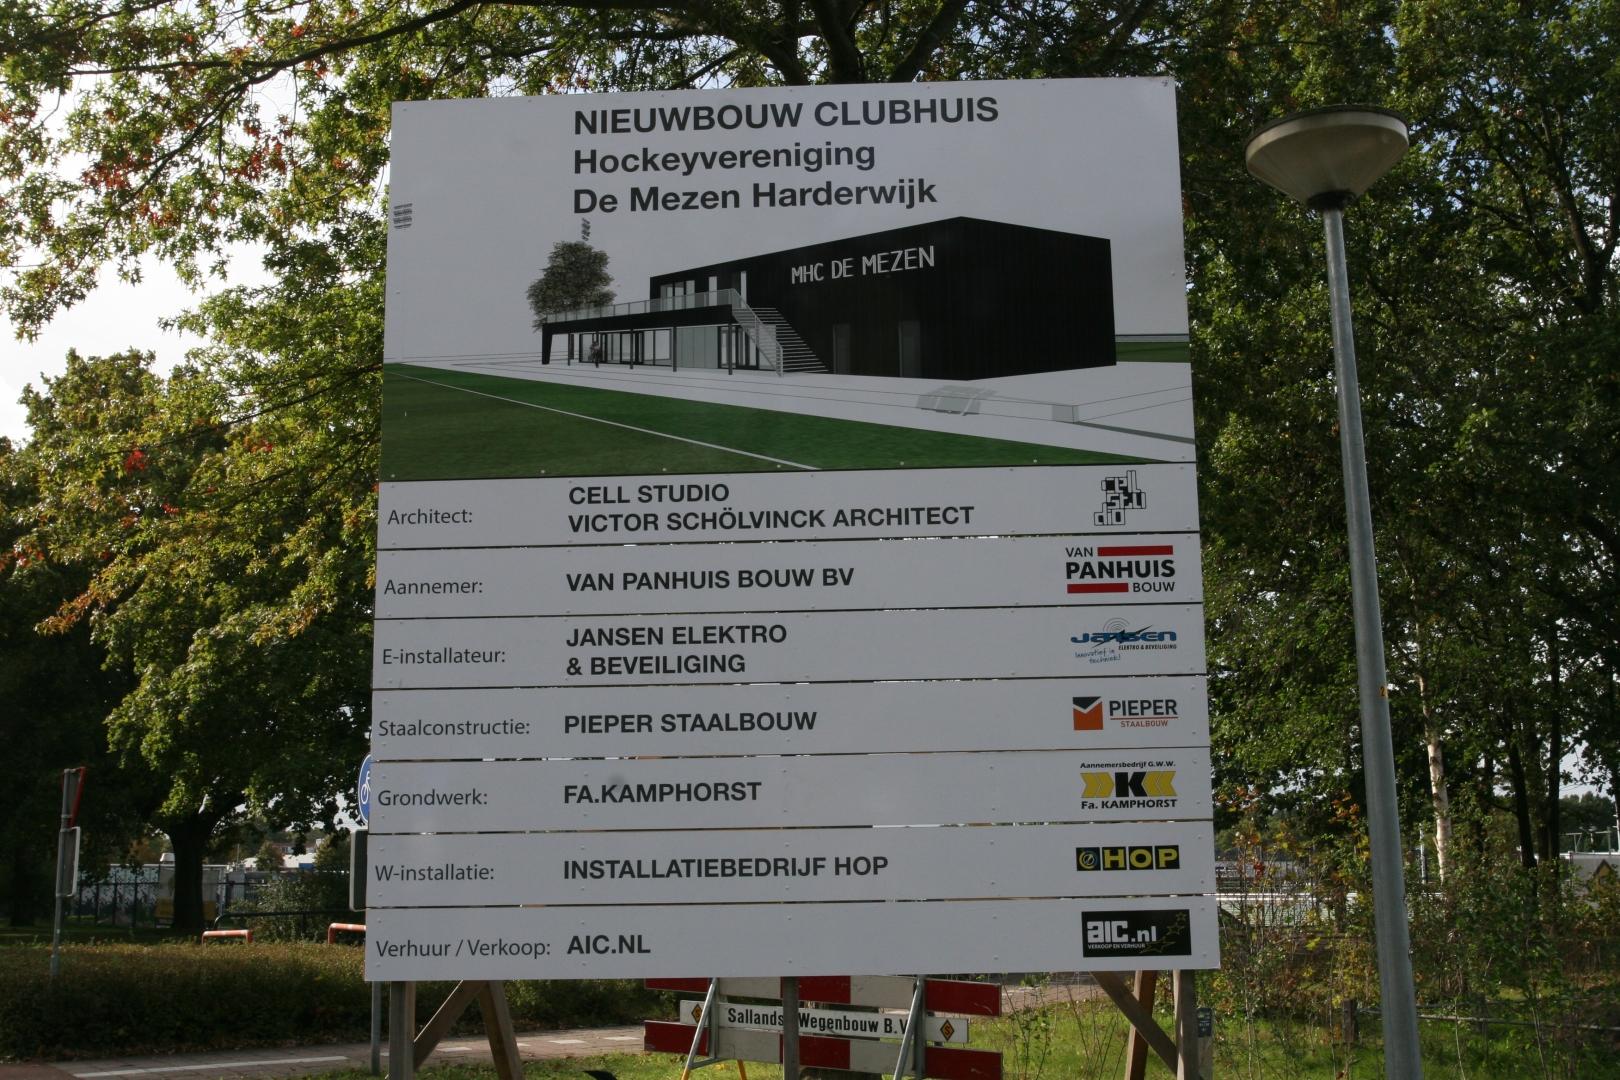 Nieuwbouw clubhuis hockeyvereniging de Mezen Harderwijk